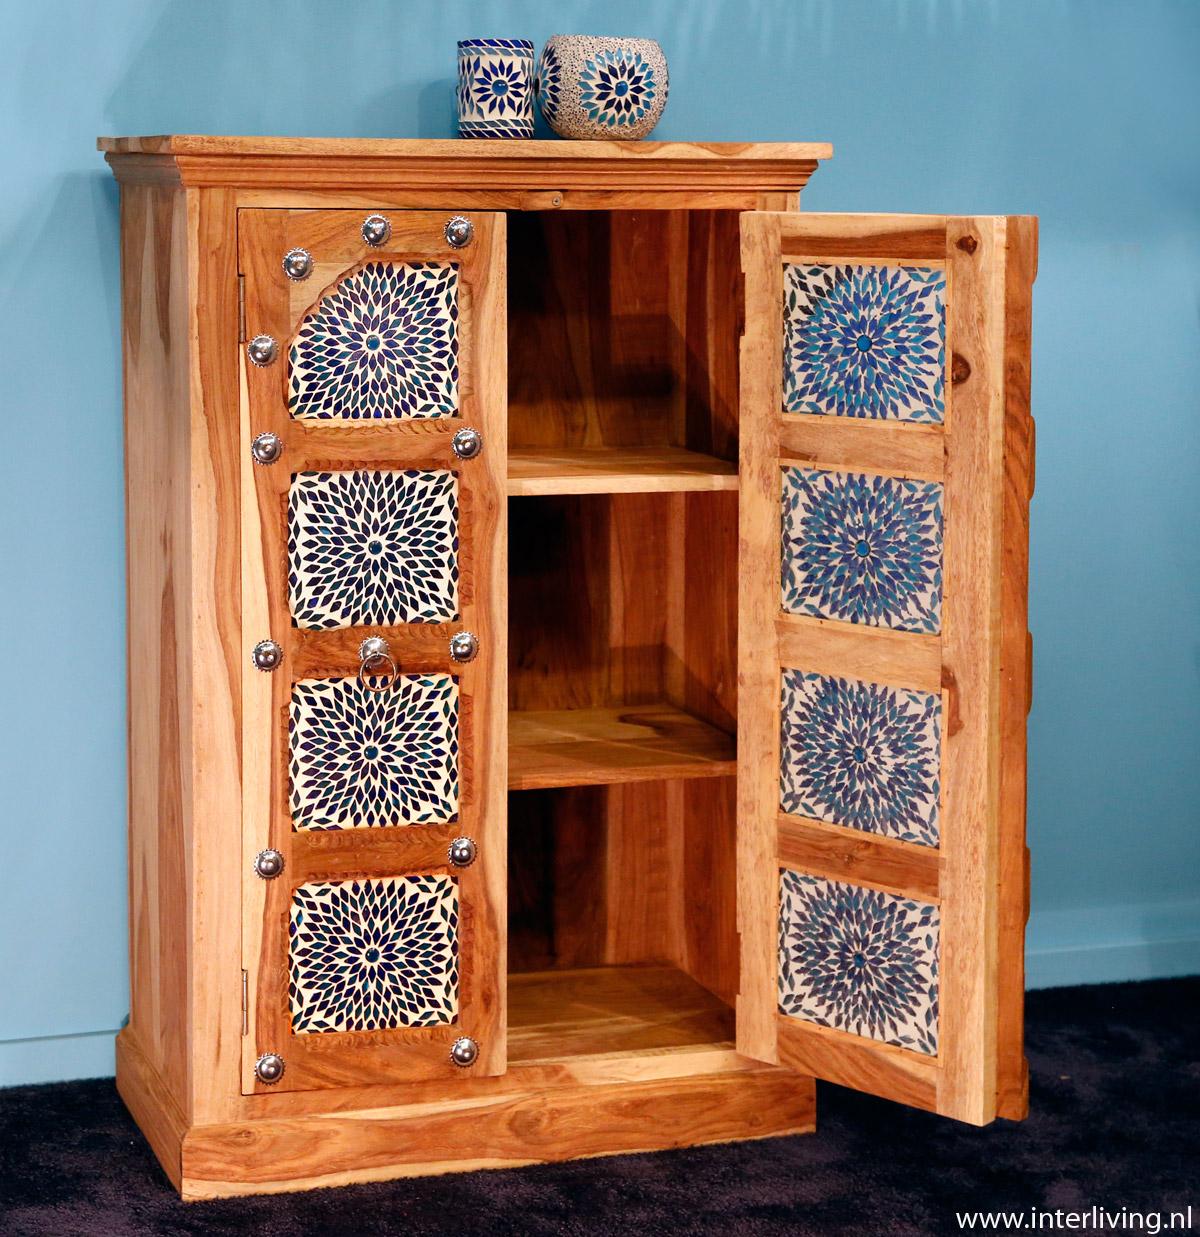 Hippe ibiza india stijl houten kast, bohemian stijl en kleurrijk wonen